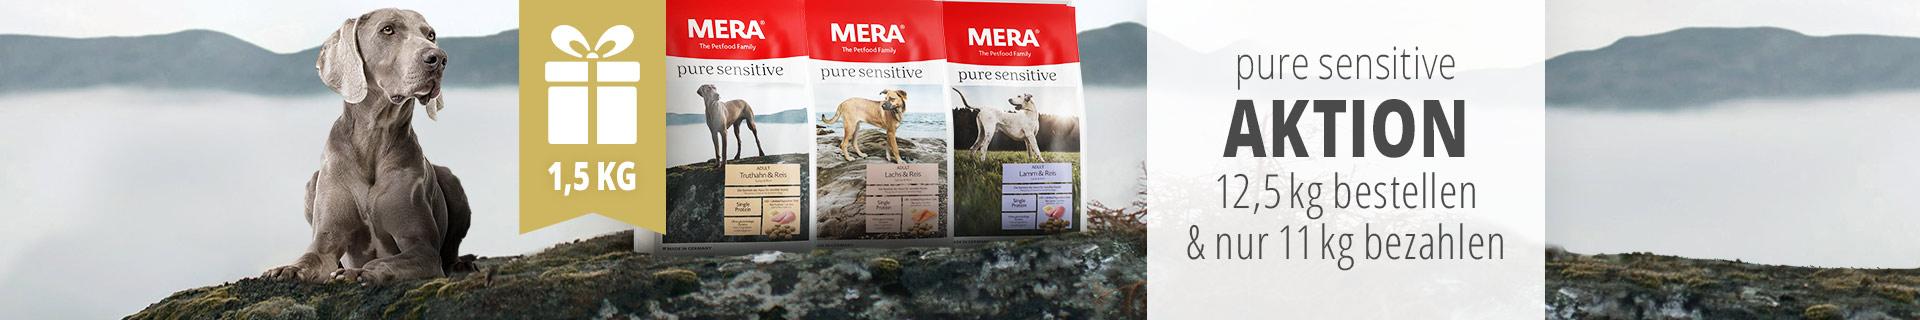 Mera Pure Sensitive Trockenfutter Aktion - 1,5kg geschenkt